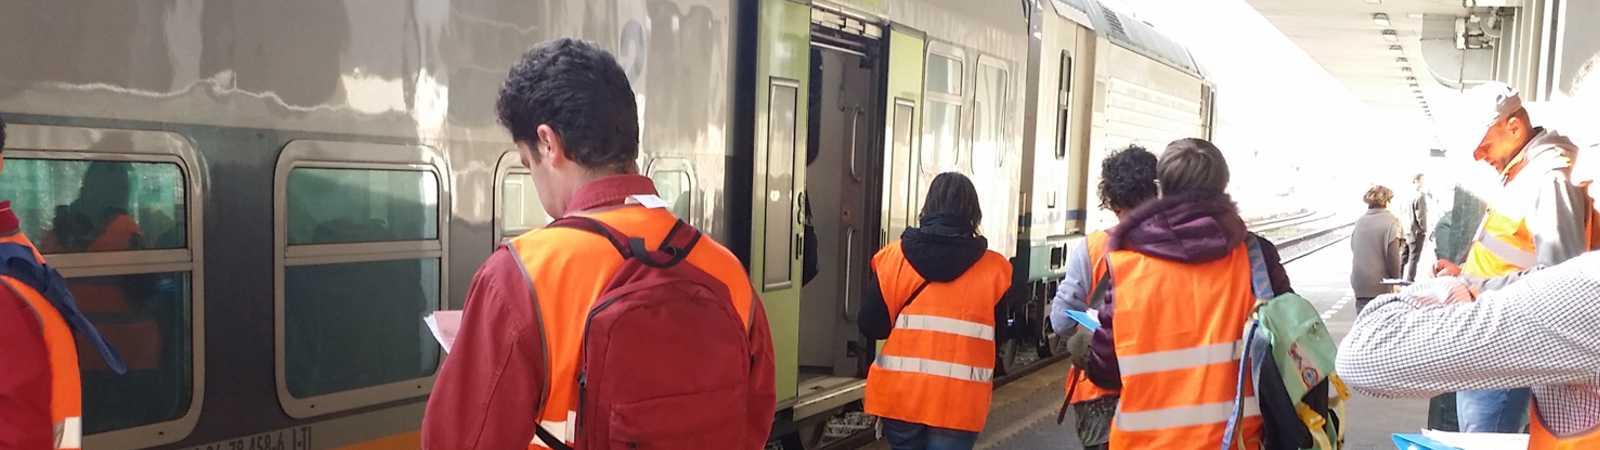 Regione Lombardia: ricerchiamo rilevatori per indagini di customer statisfaction sulla rete ferroviaria lombarda